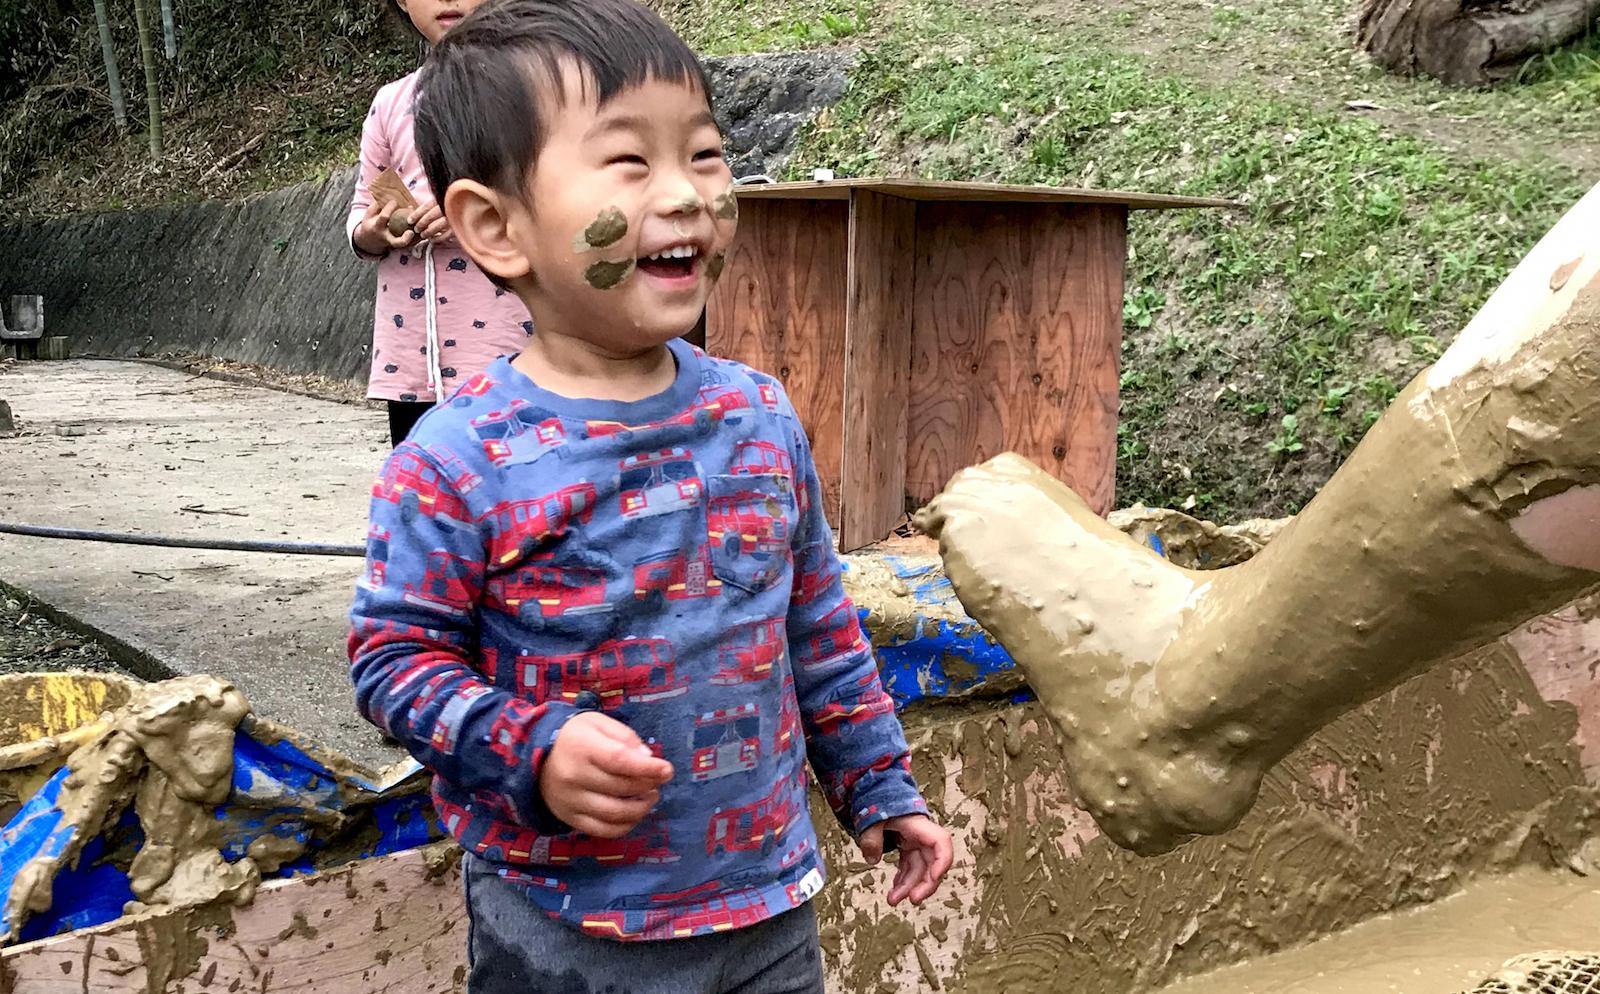 泥まみれになりながら遊ぶ息子